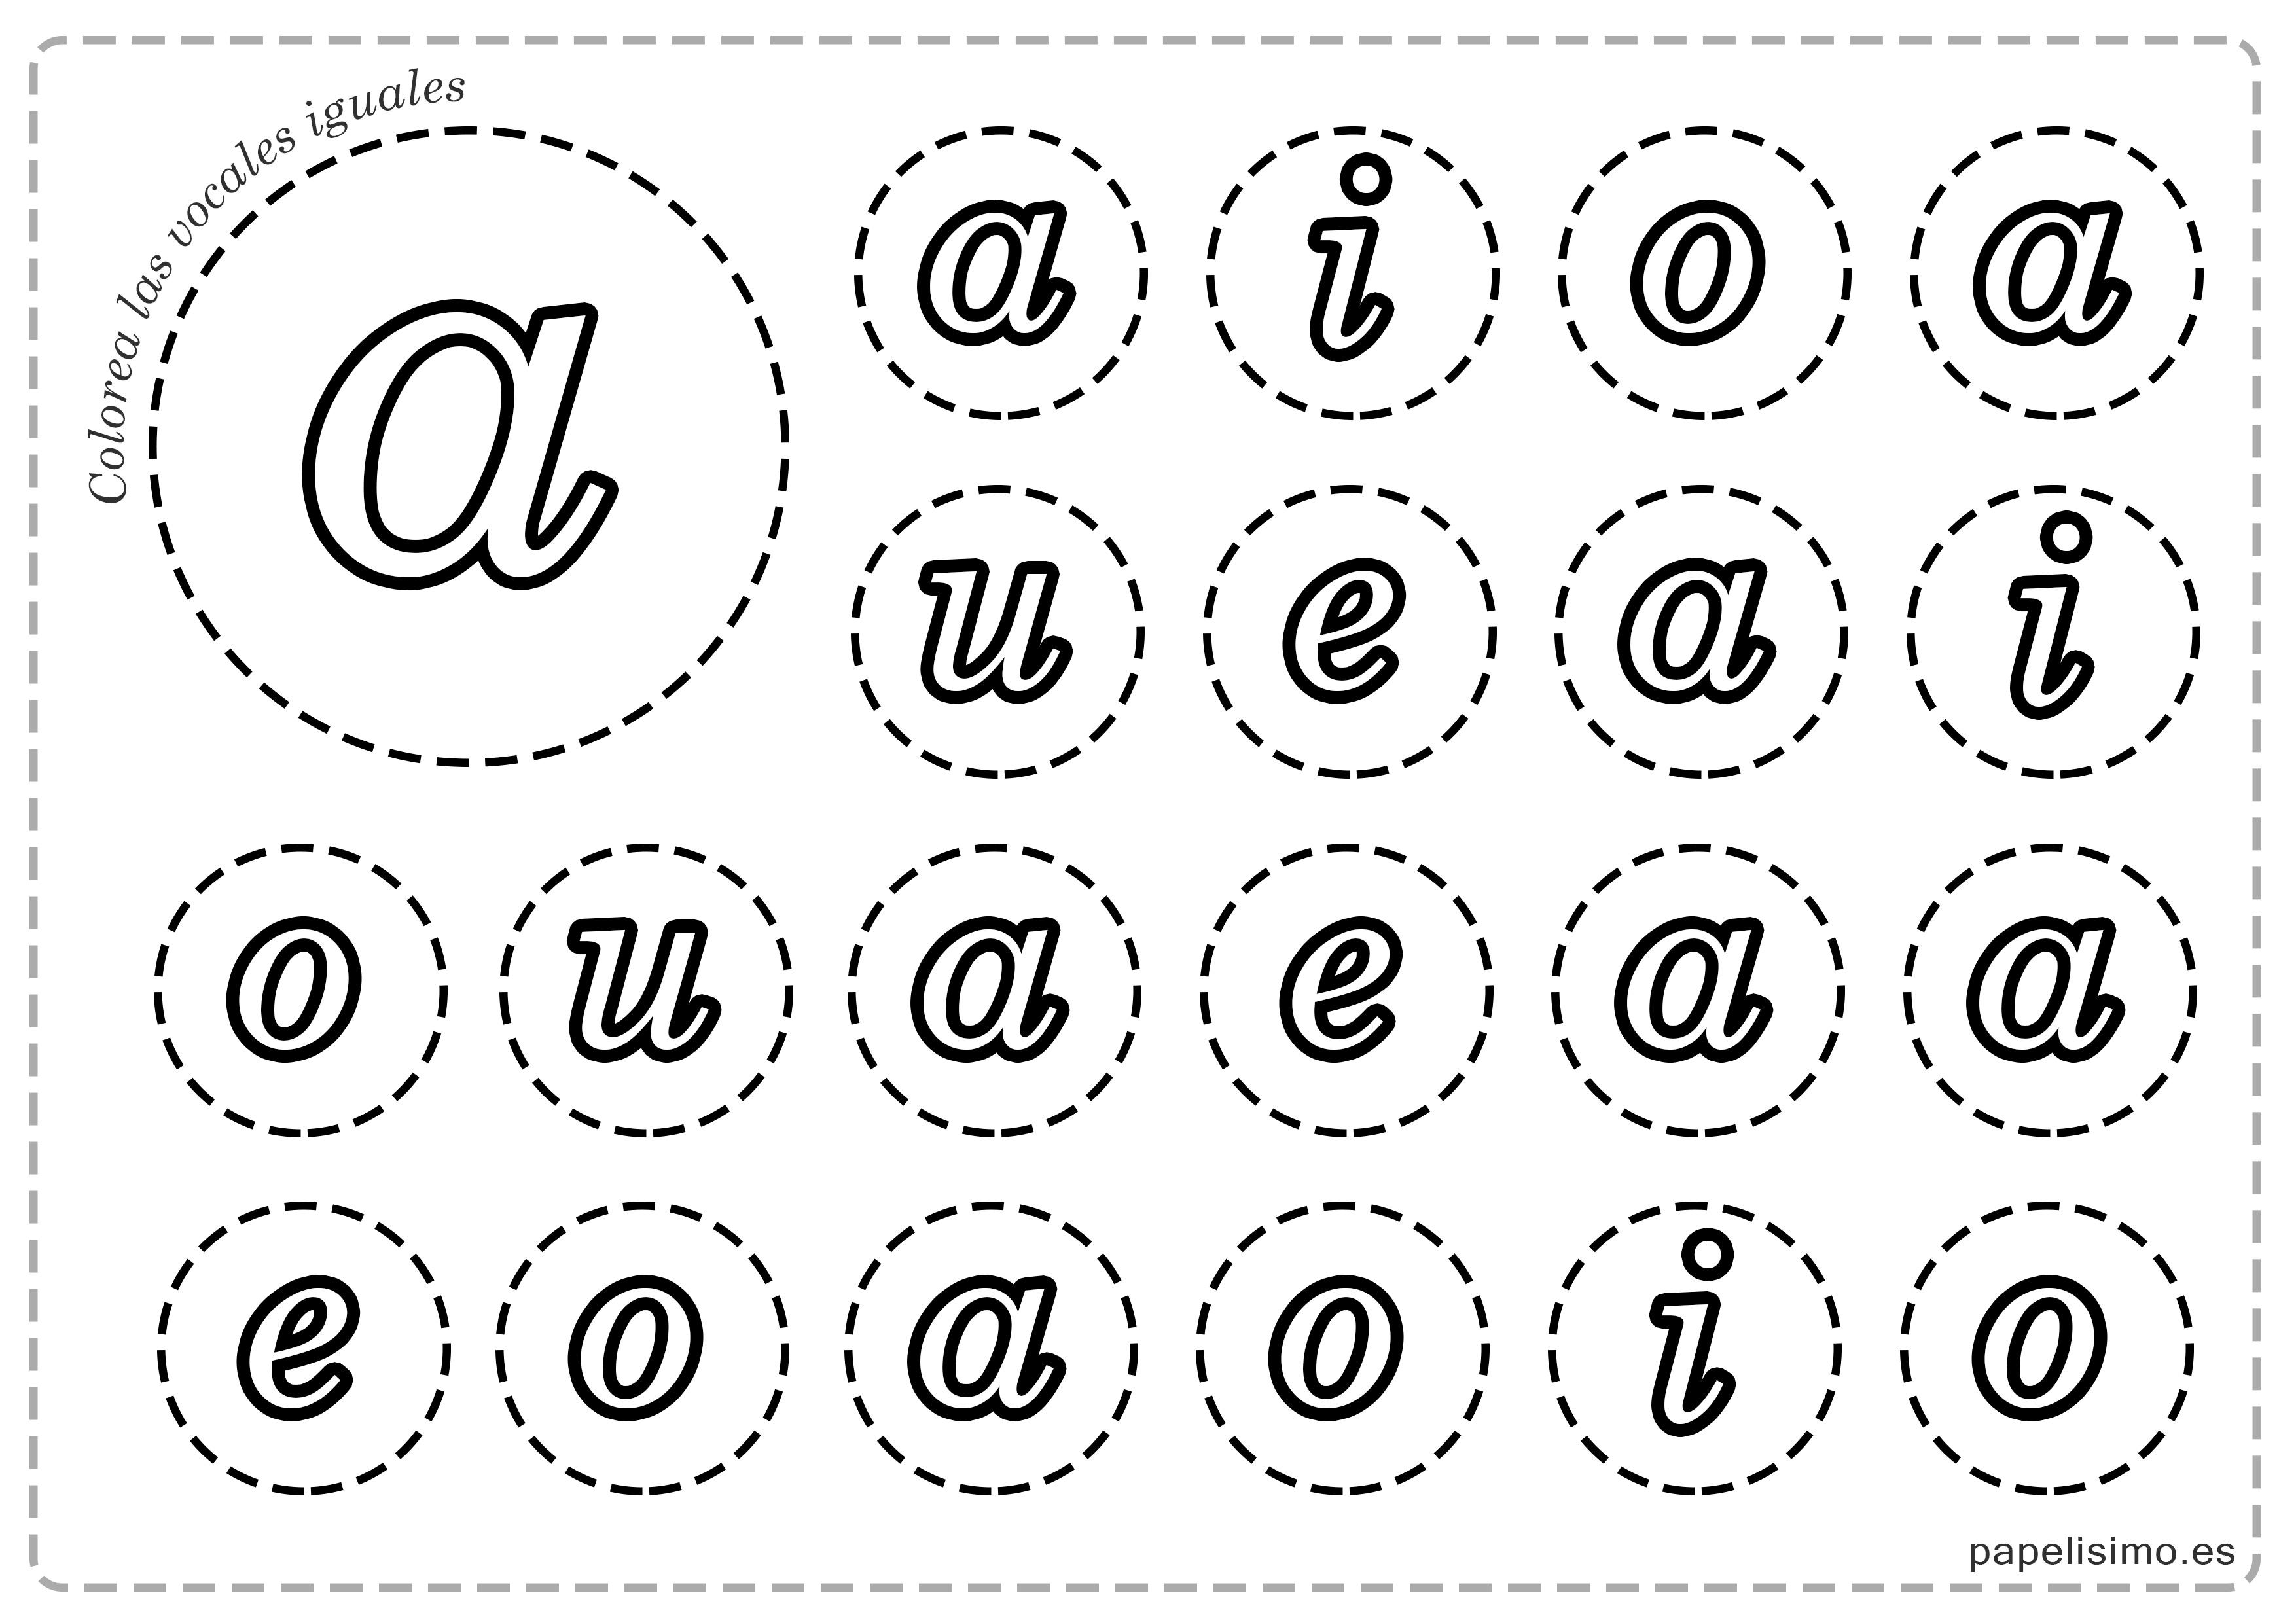 Vocales para imprimir y colorear (mayúsculas y minúsculas